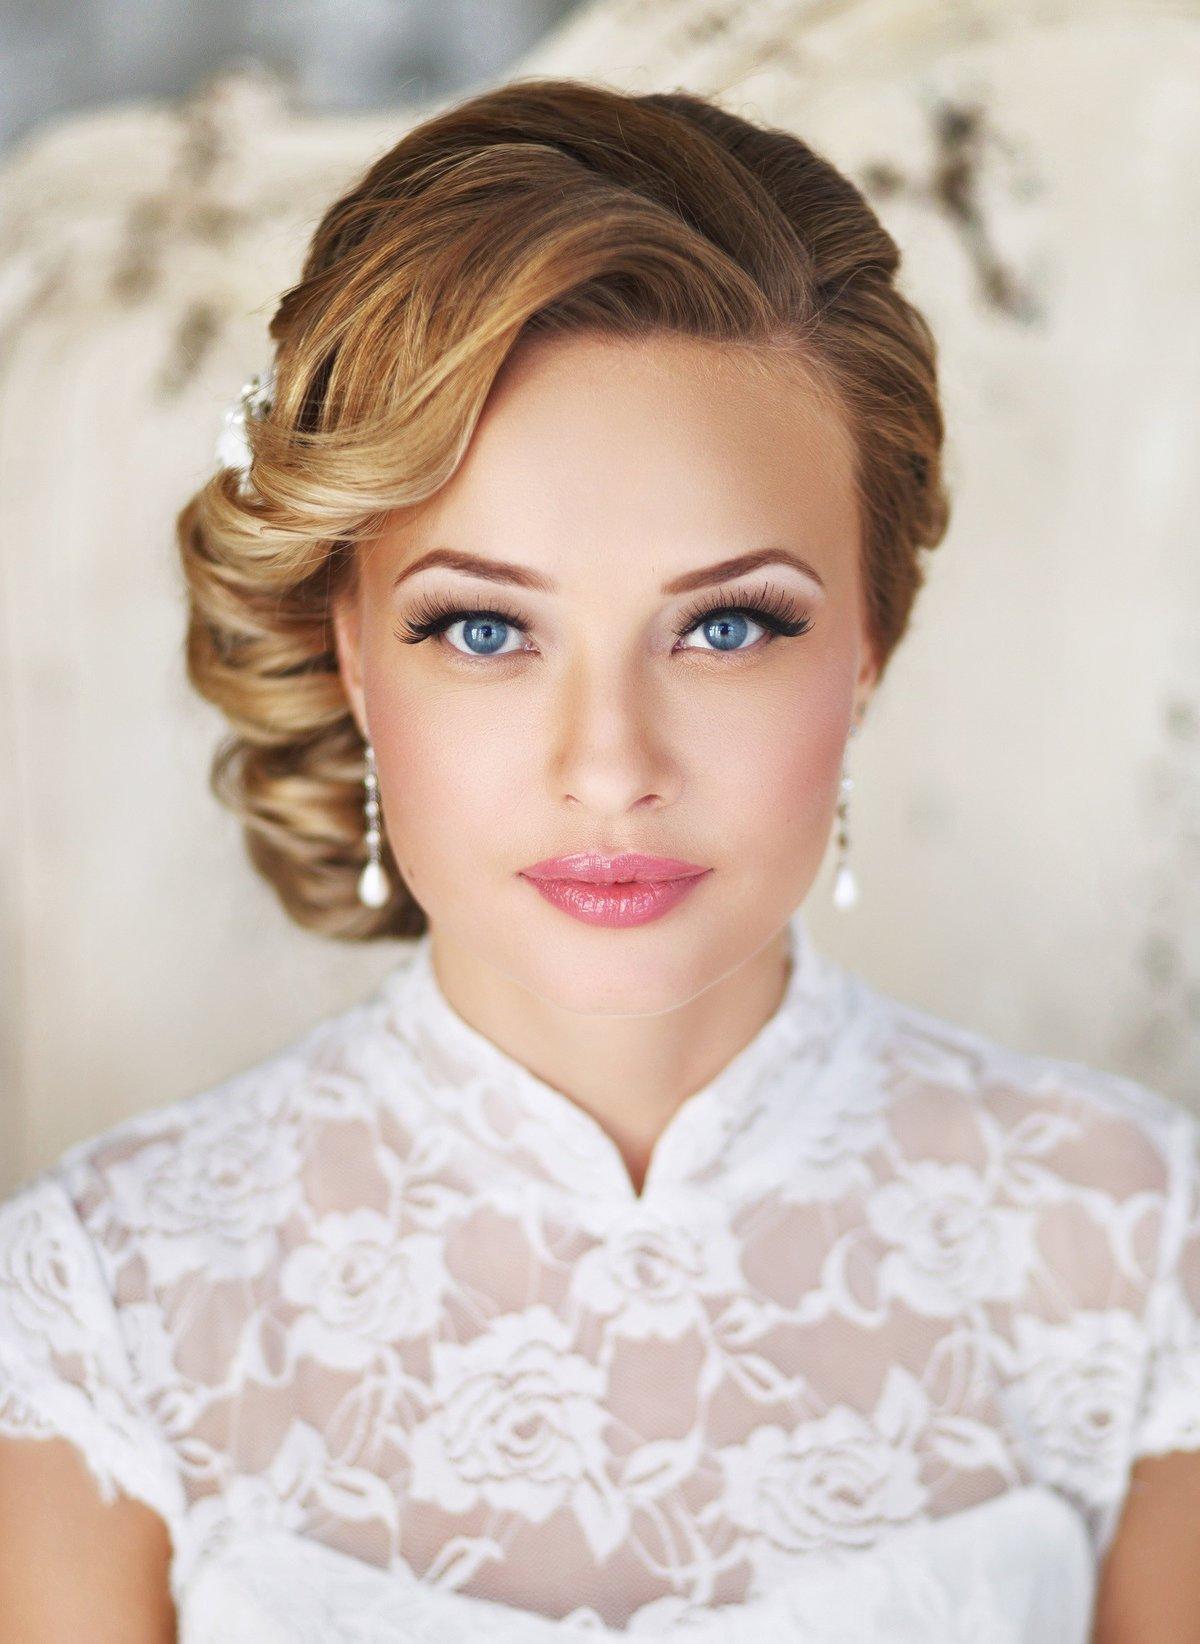 Прическа на каре на свадьбу